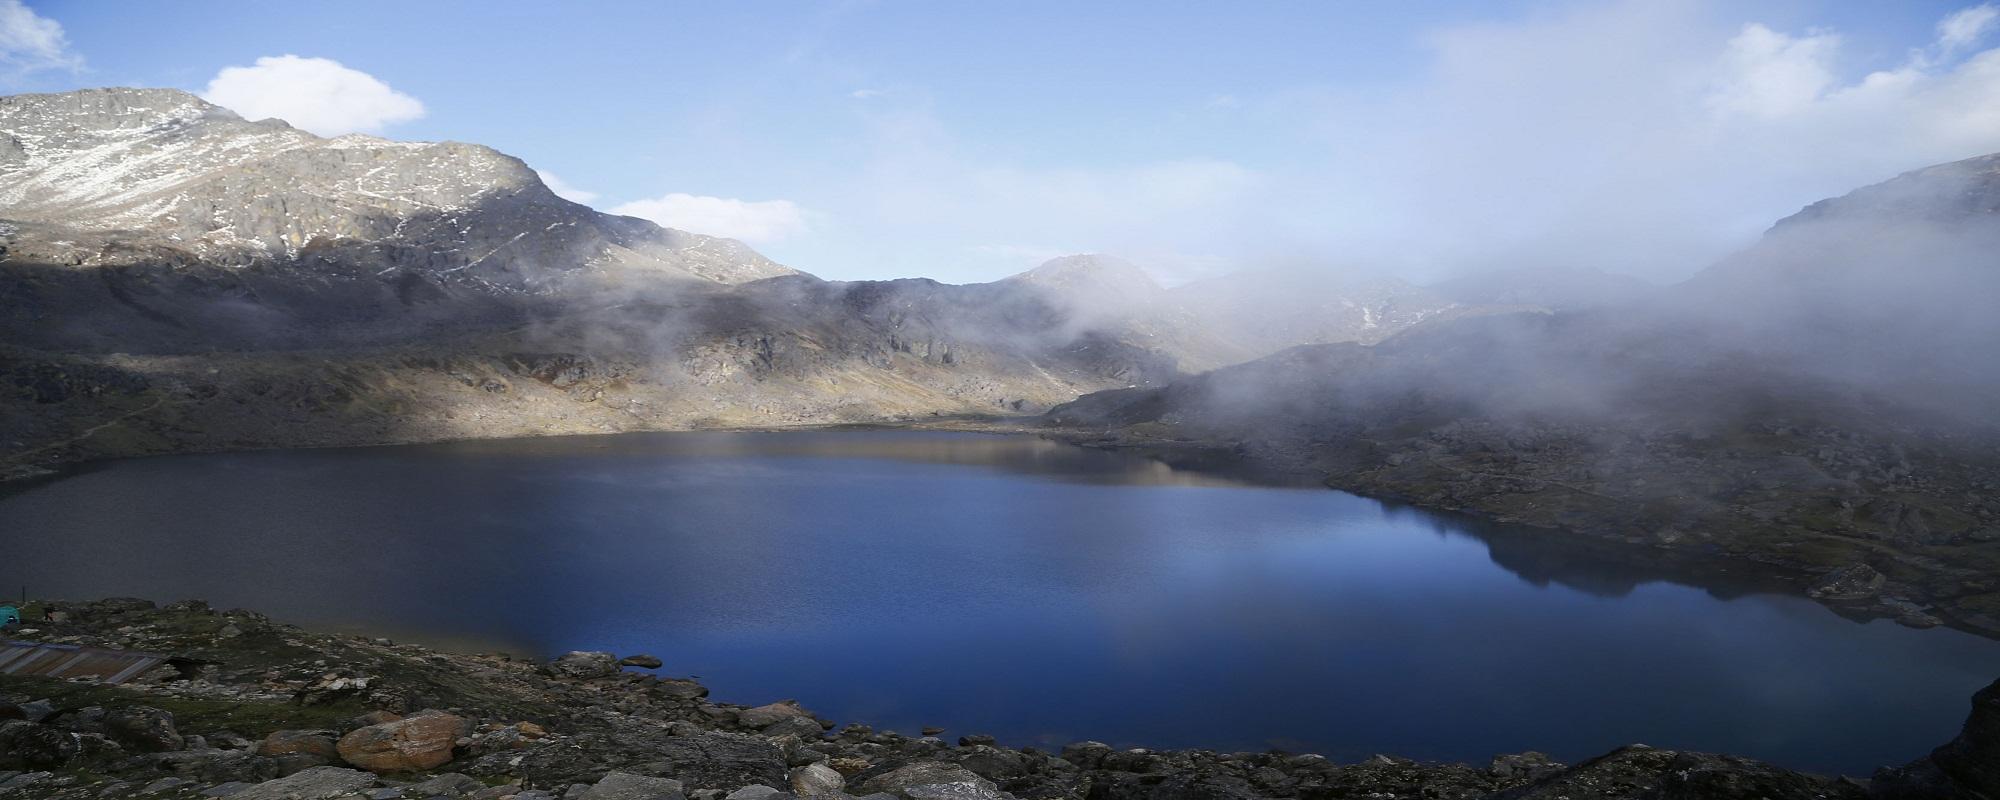 Helmbu Lantang Gosainkunda and Ruby Valley Trek